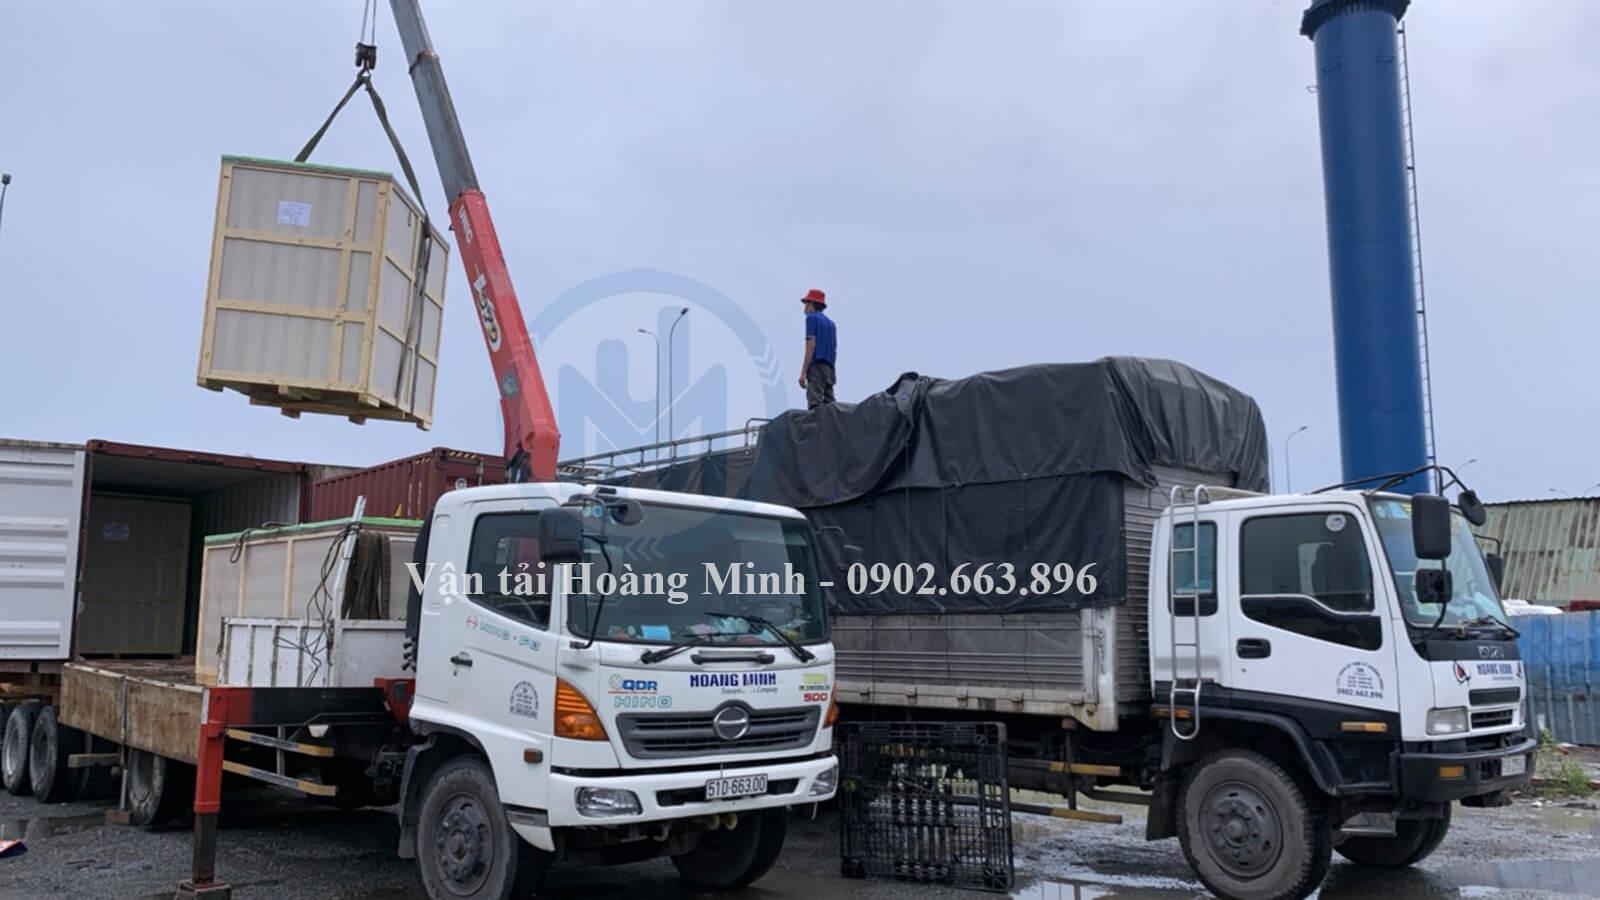 Vận tải Hoàng Minh có cho thuê xe tải chở hàng Quận 11 theo tháng không